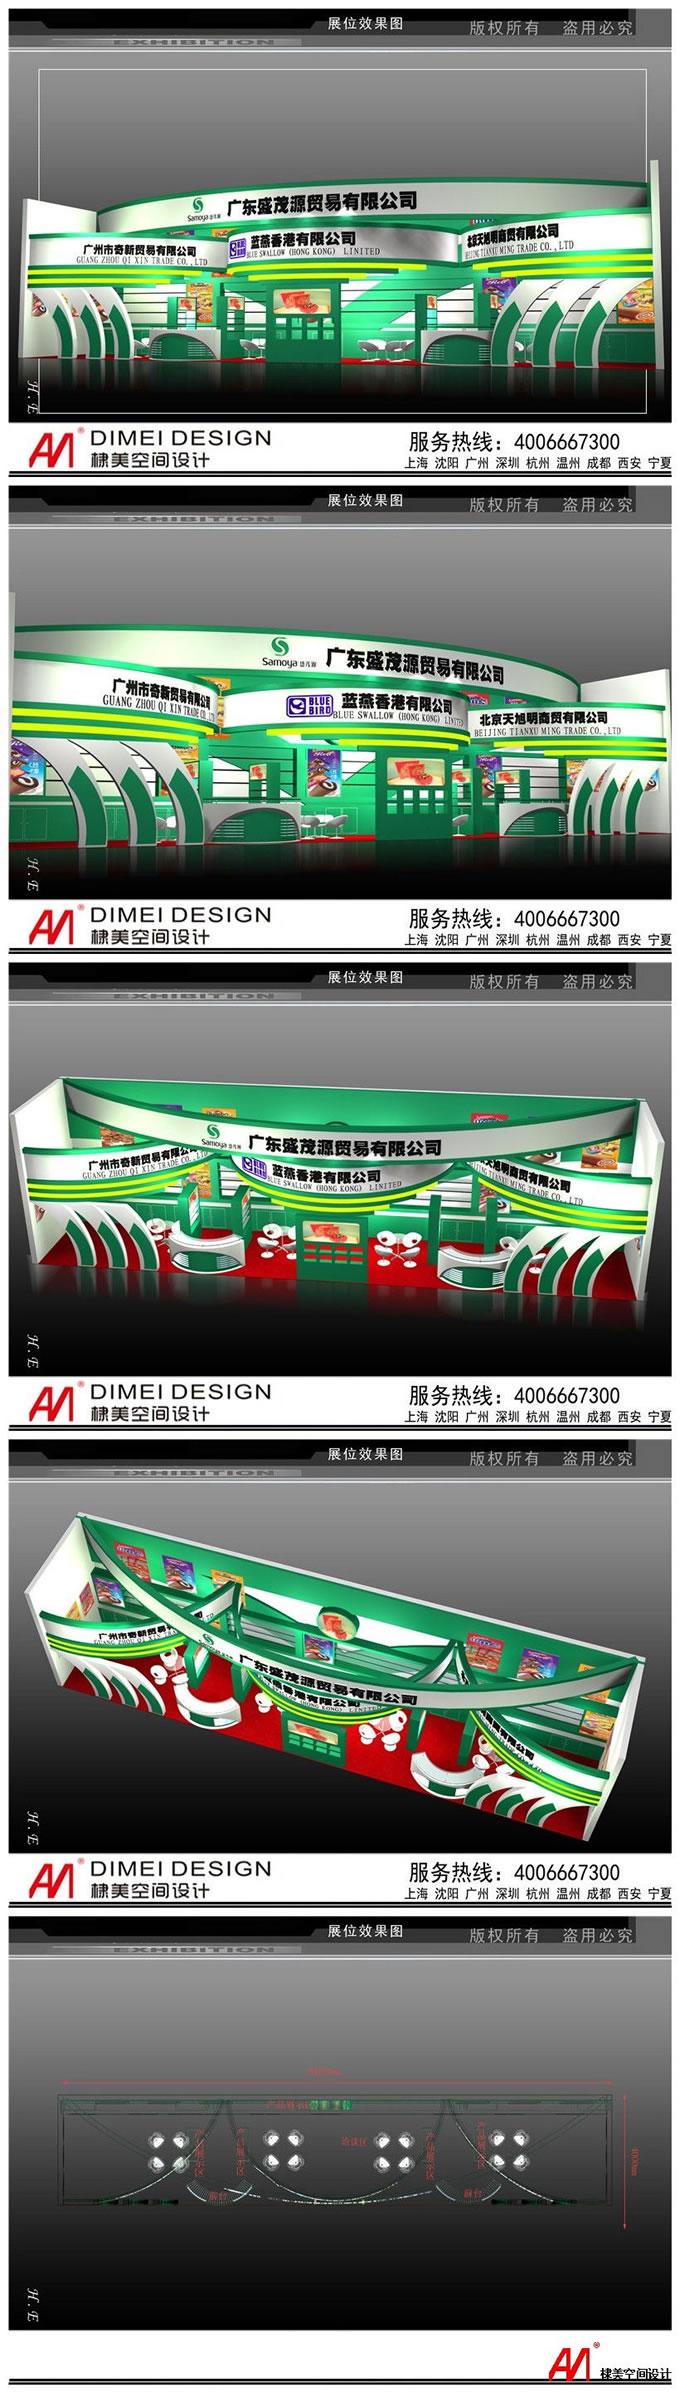 贸易展台设计案例2